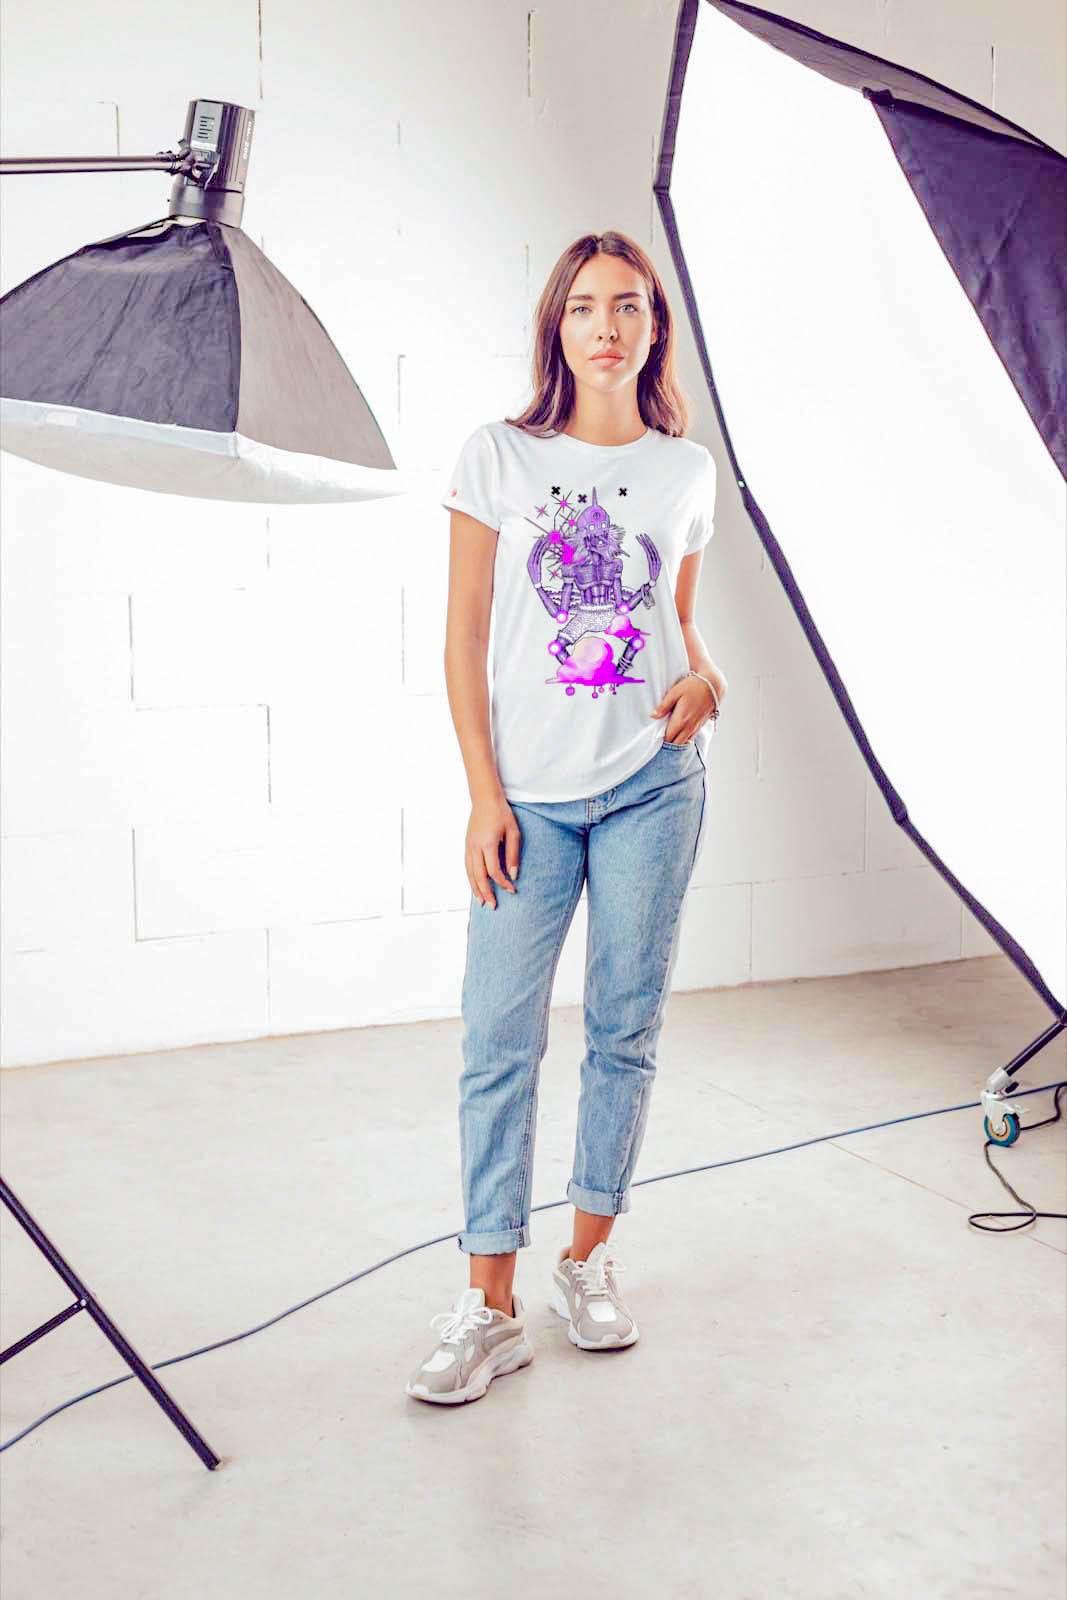 Beautiful woman in photo shoot wearing shirt by 91 APPAREL